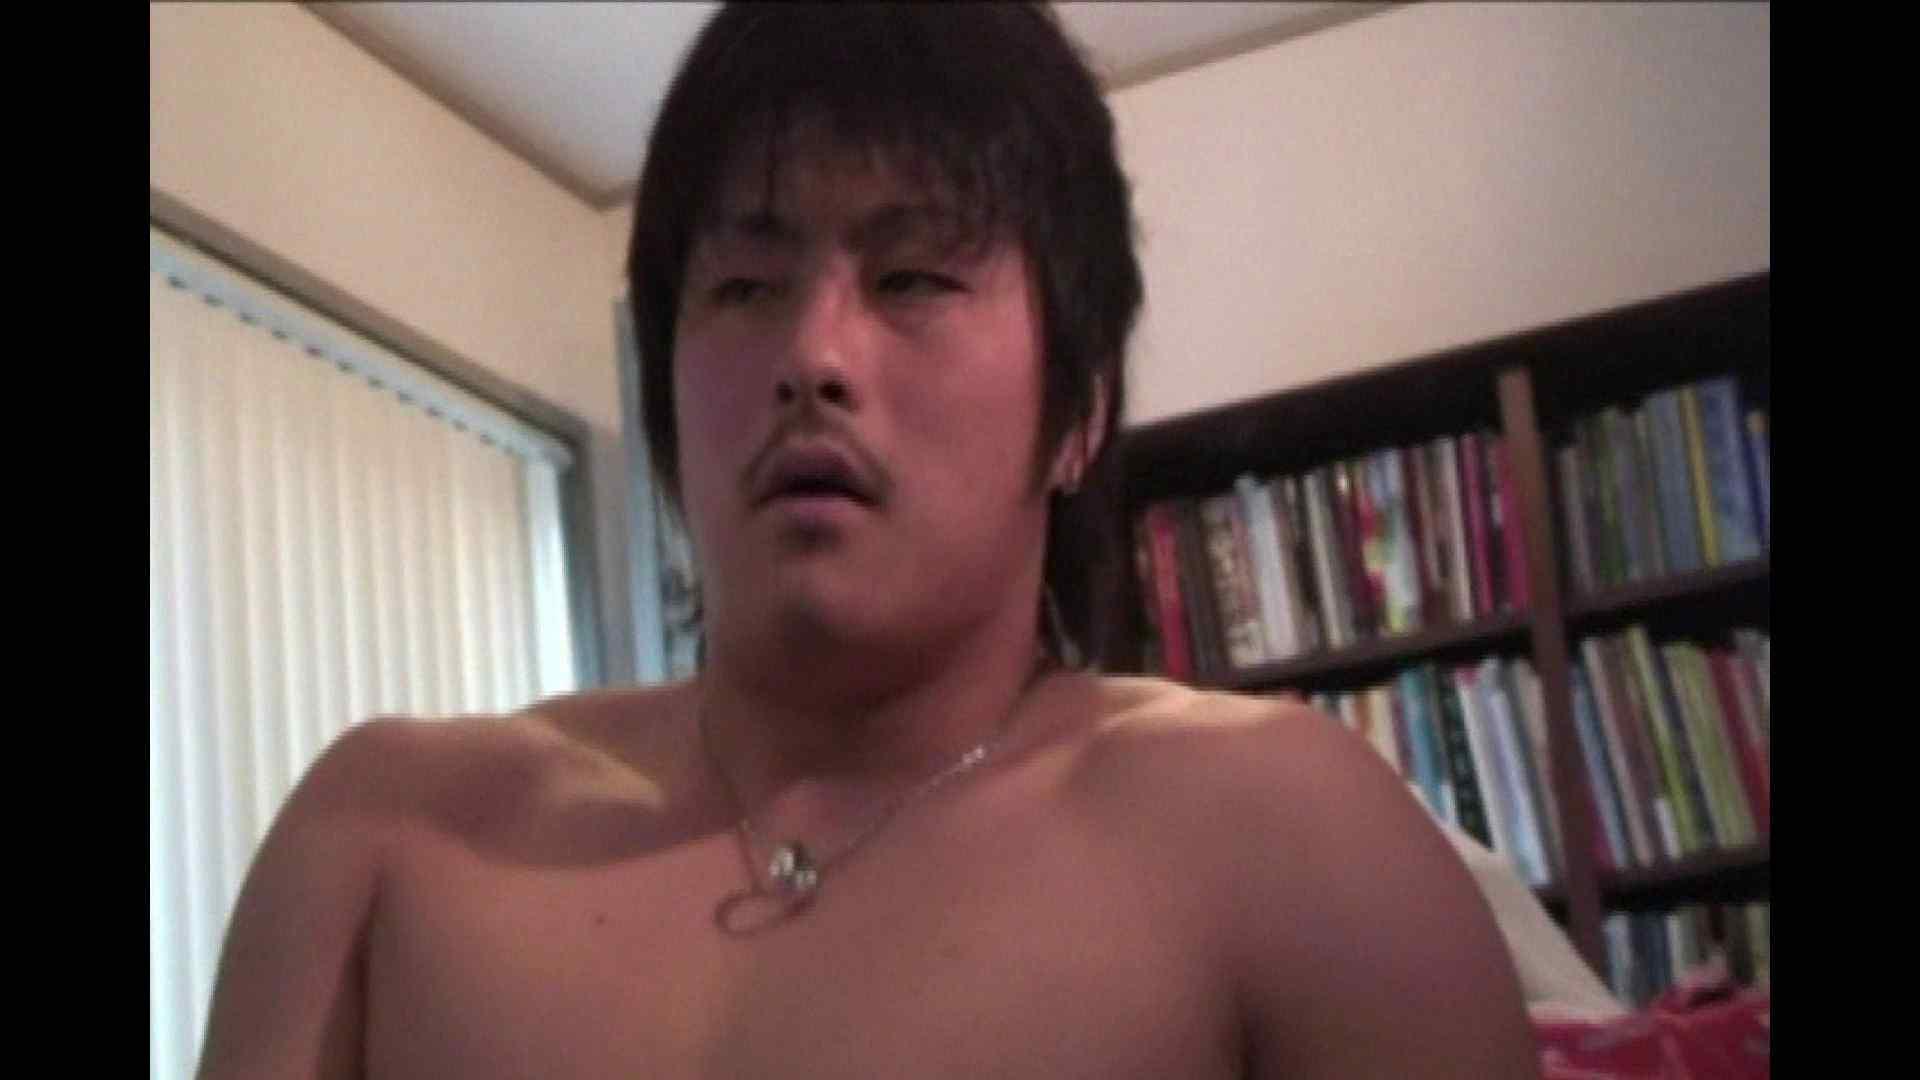 ヤリヤリ野郎共倶楽部vol.36 エロ | 男天国  68pic 39